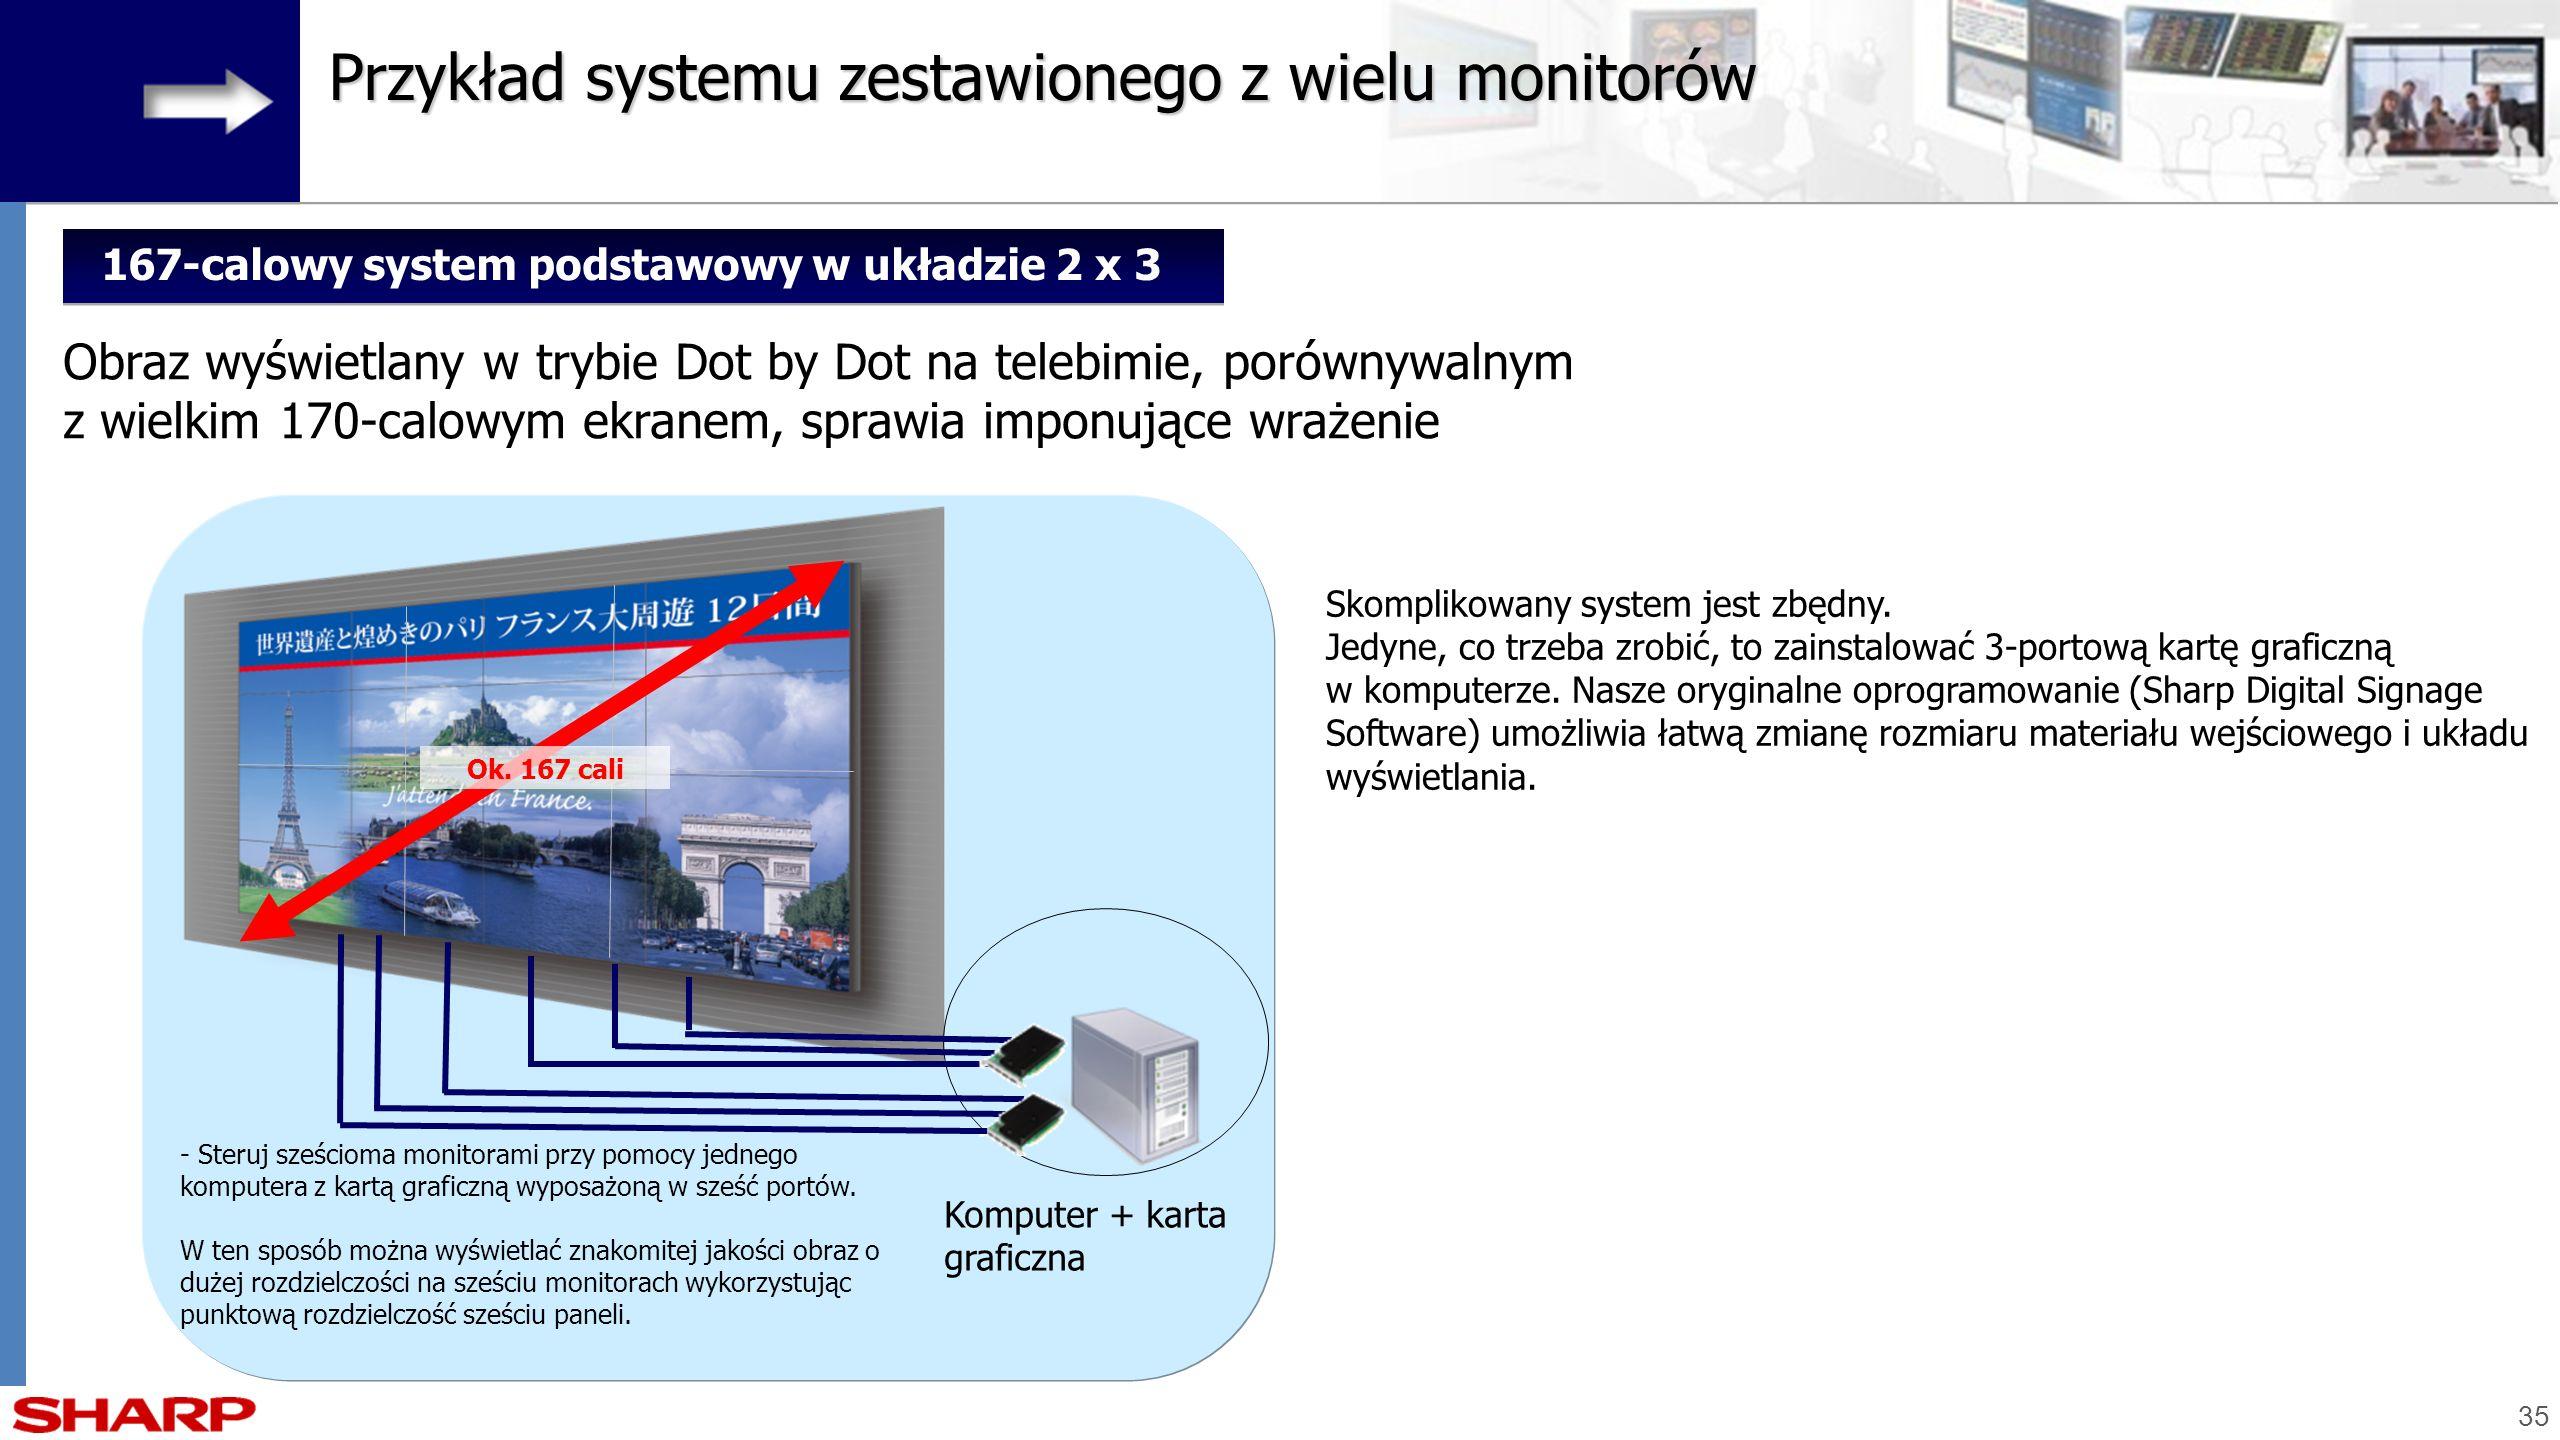 167-calowy system podstawowy w układzie 2 x 3